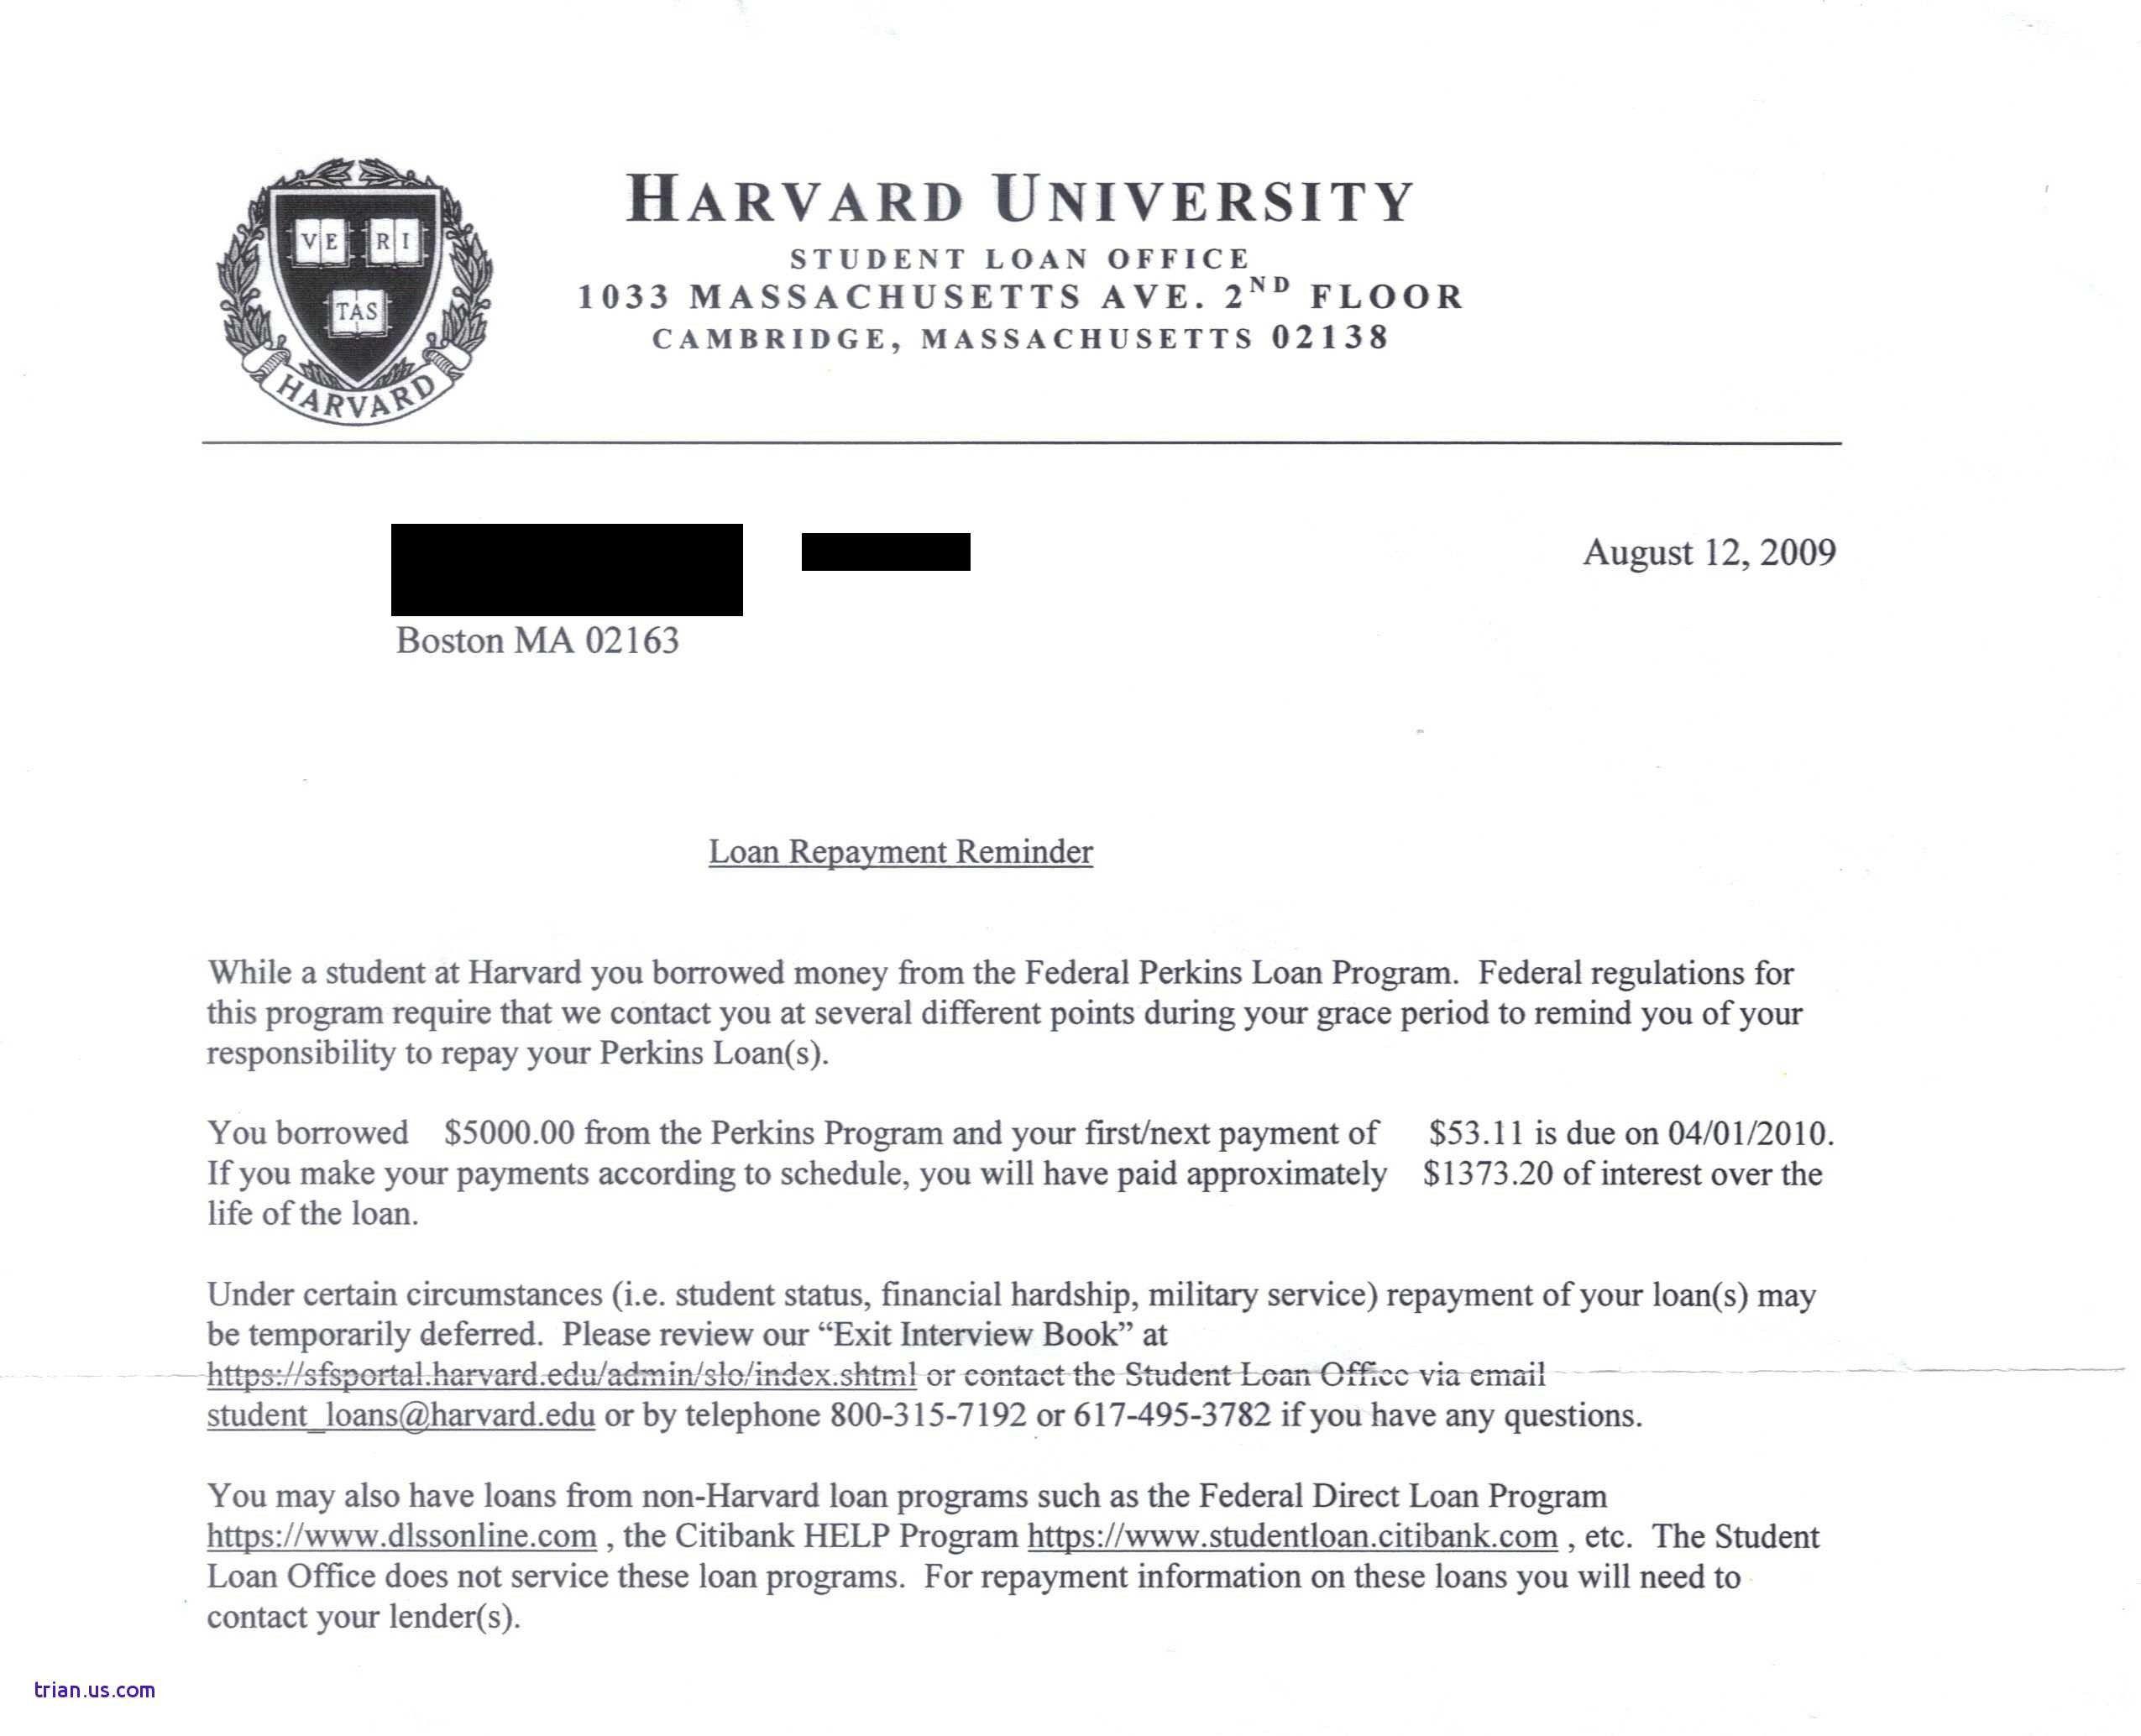 Legal Memo Format Harvard